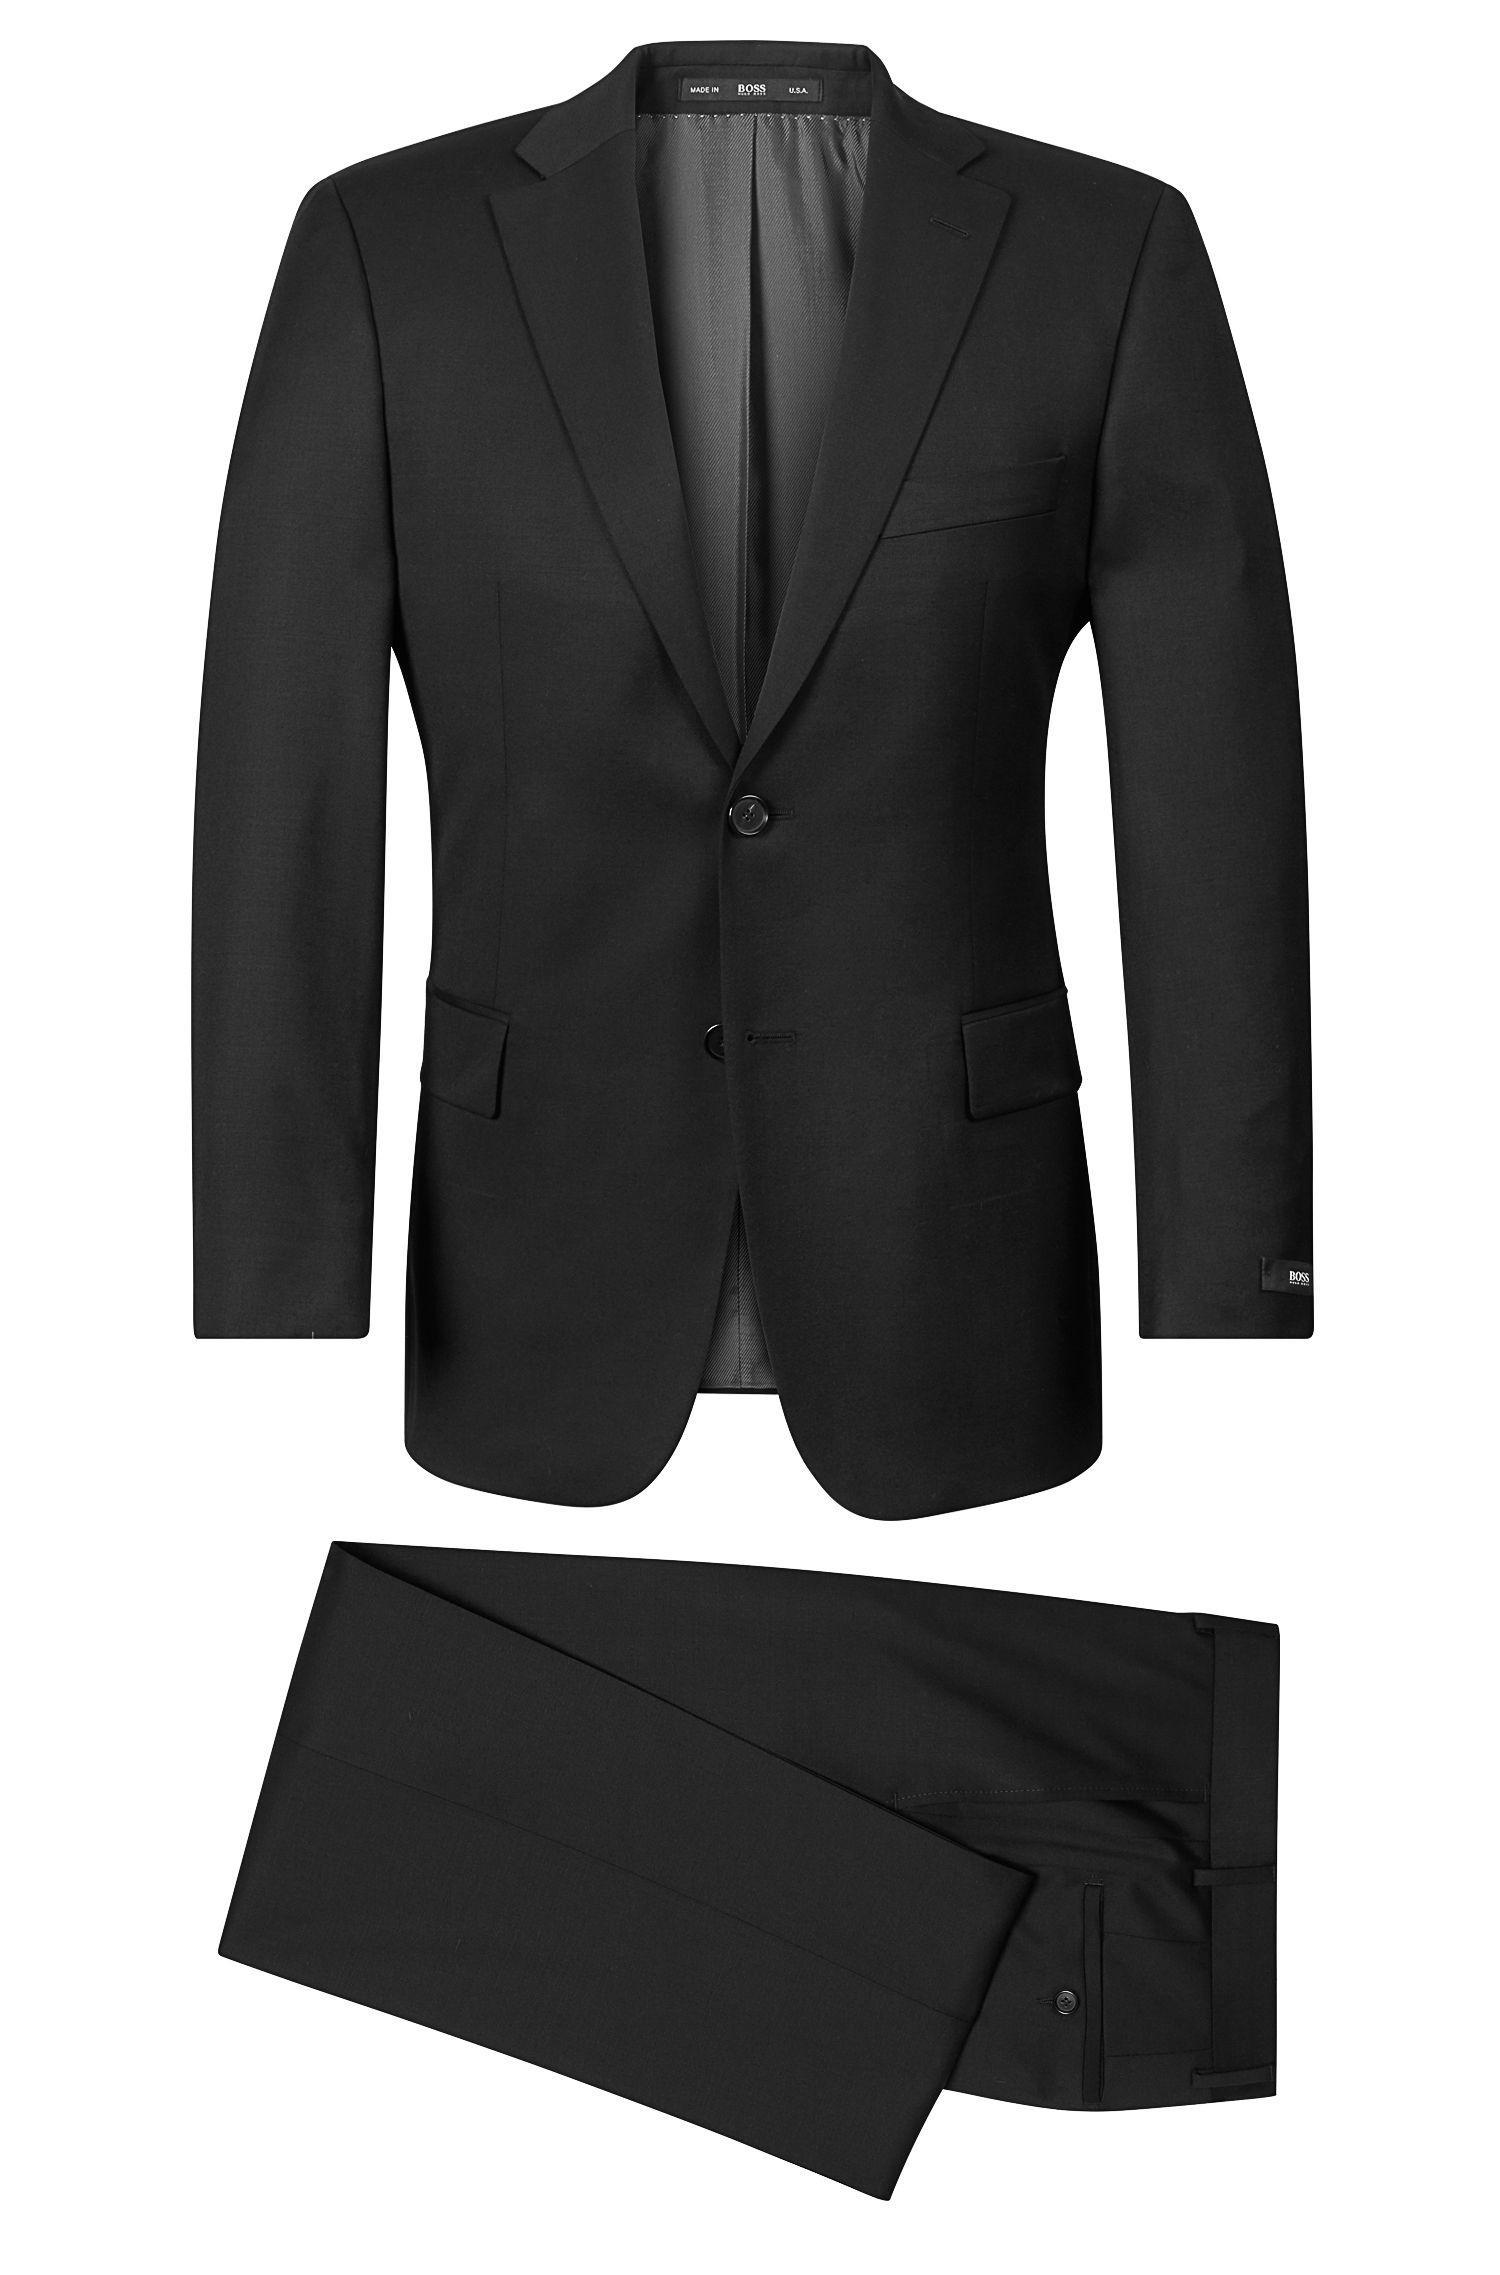 Super 100 Virgin Wool Suit, Comfort Fit | Pasolini/Movie